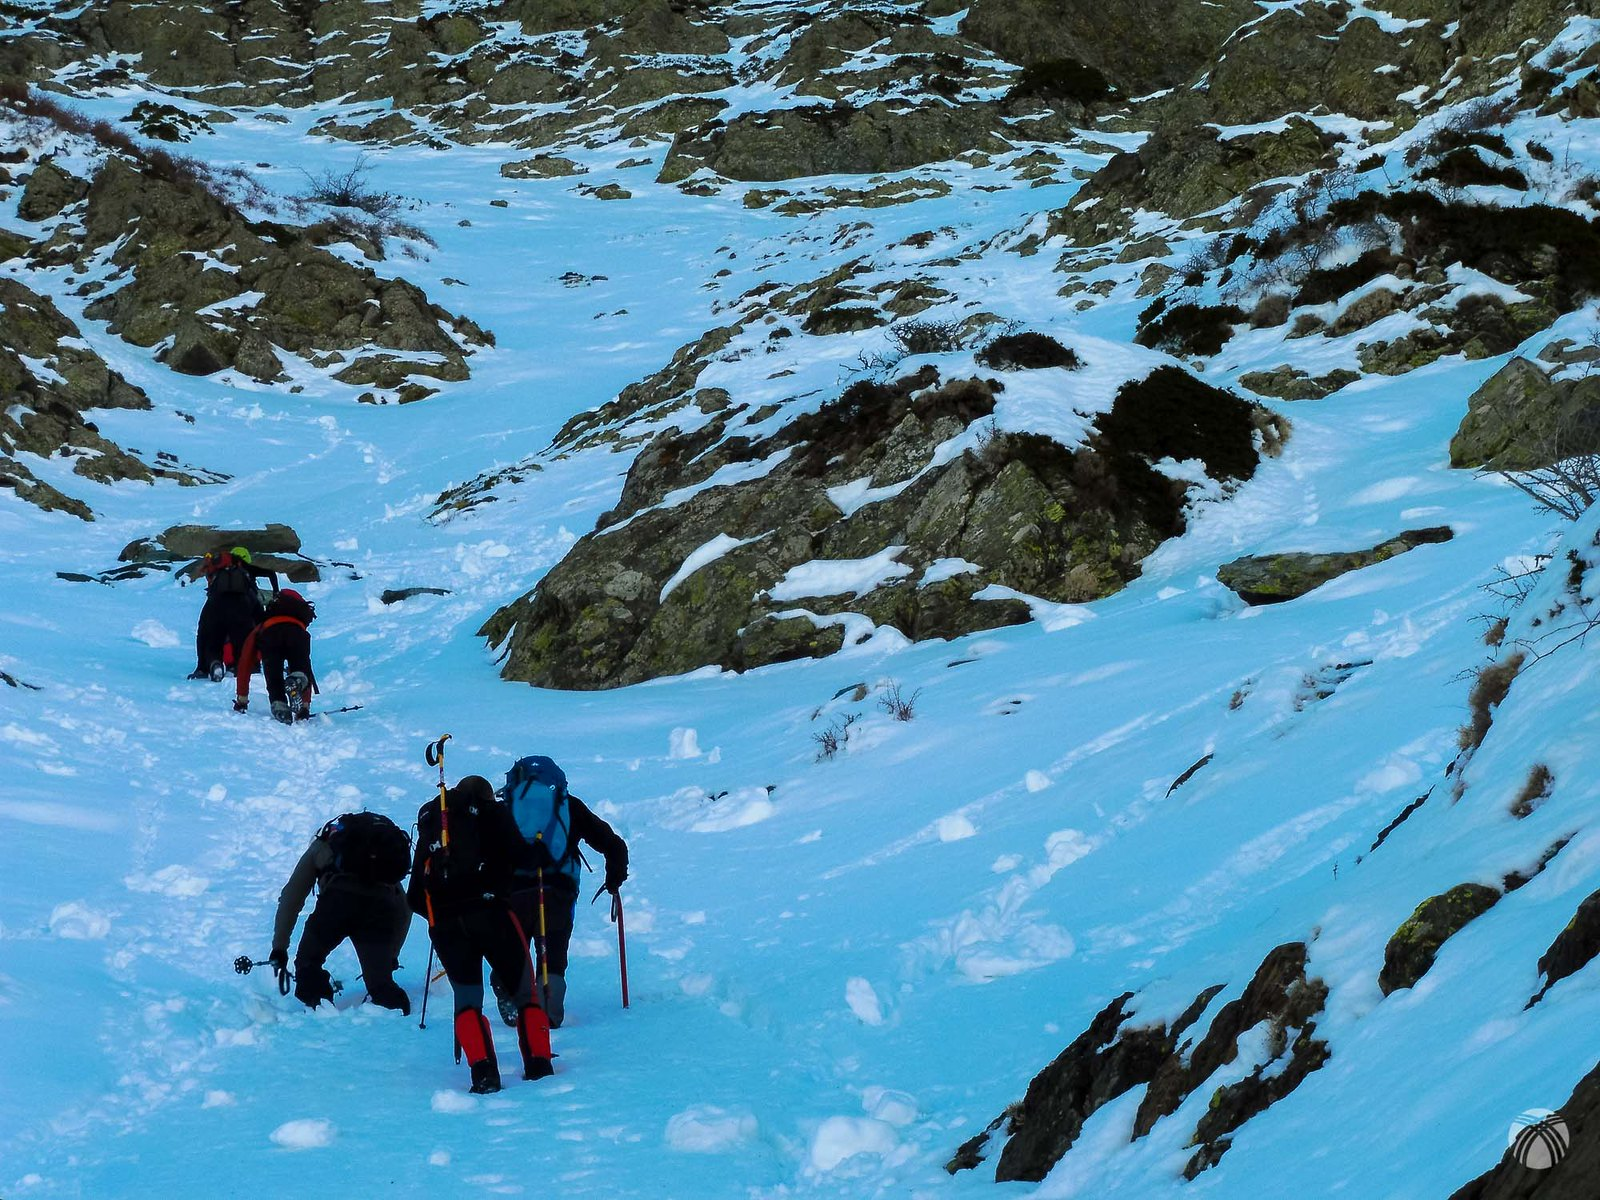 Primeros metros por el barranco con nieve blanda